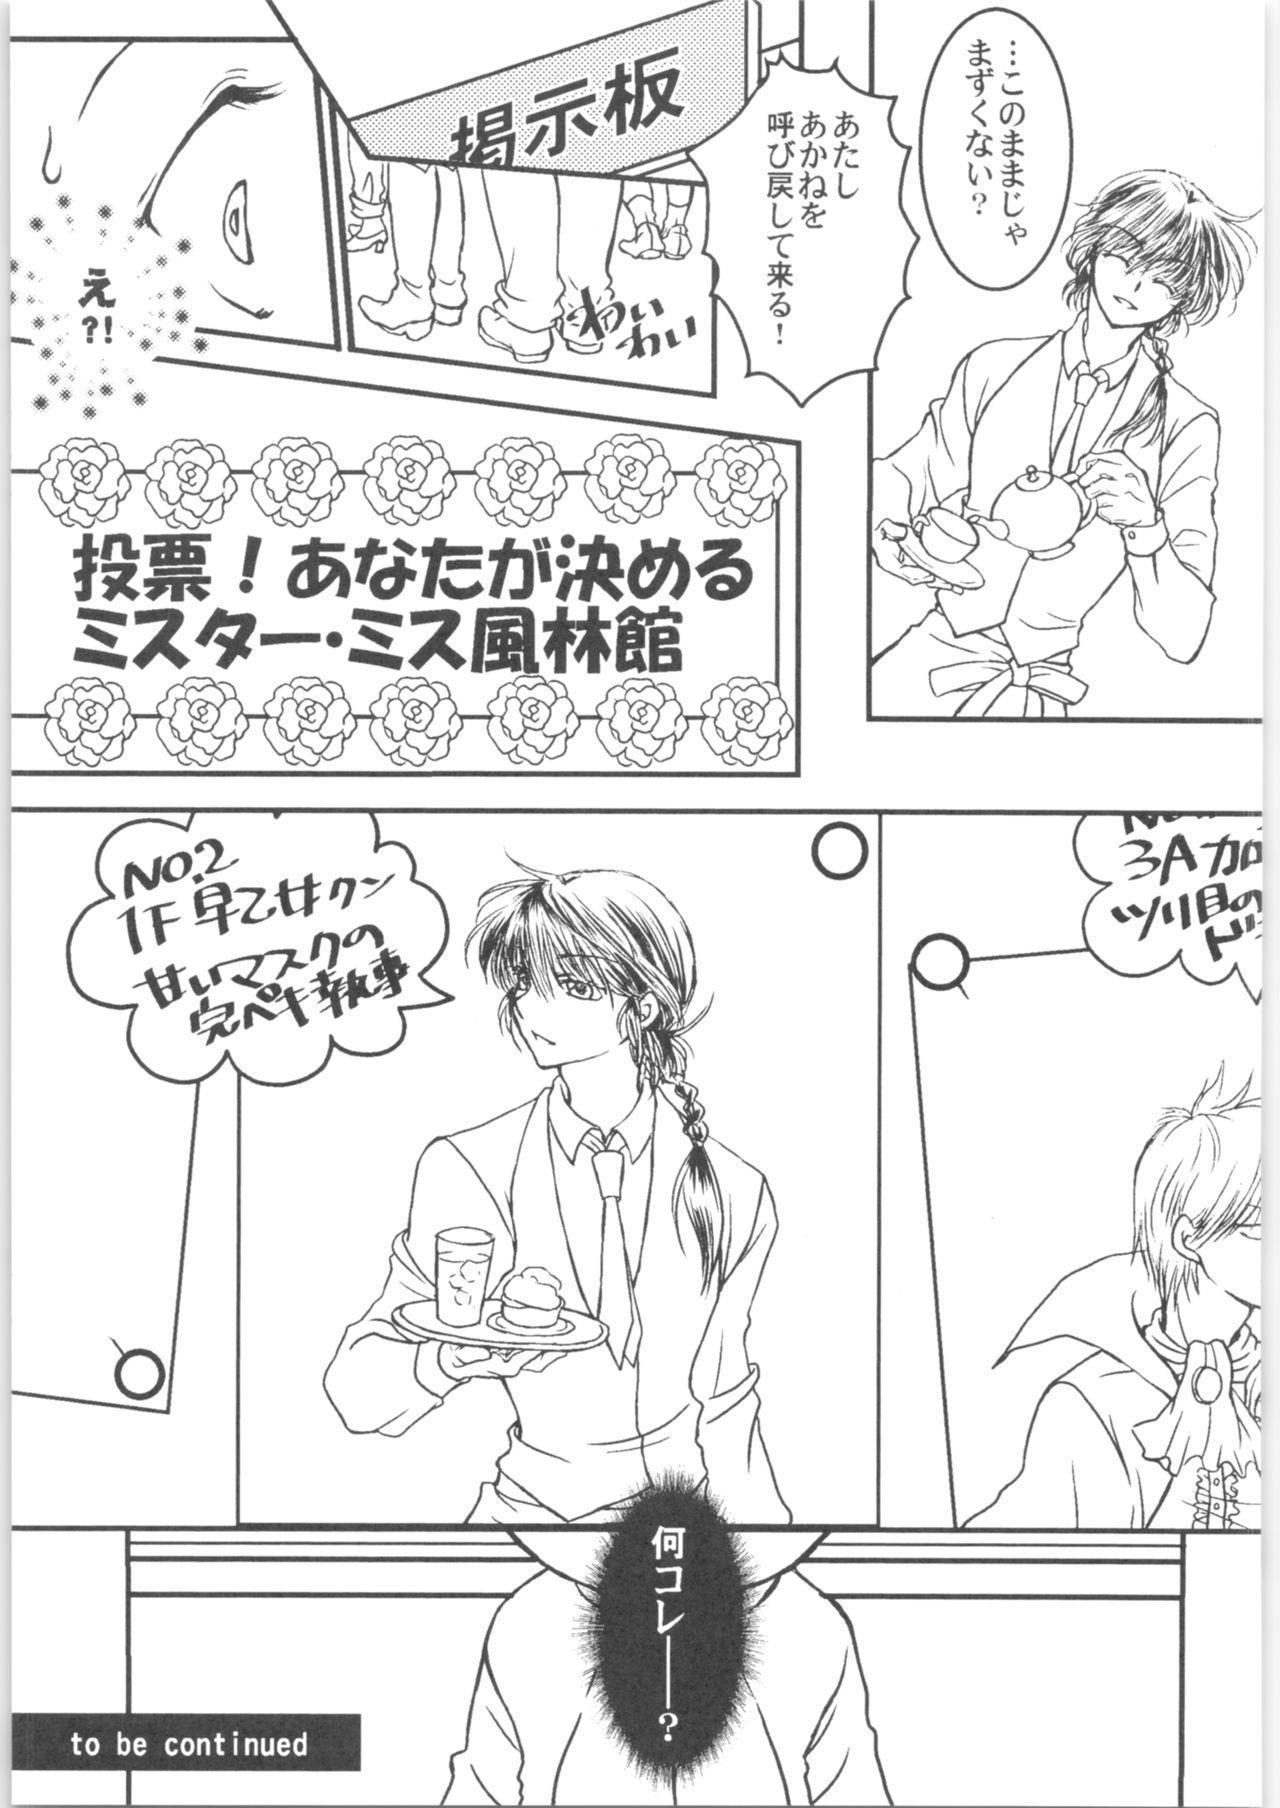 Iinazuke ga Neko ni Narimashite. 35